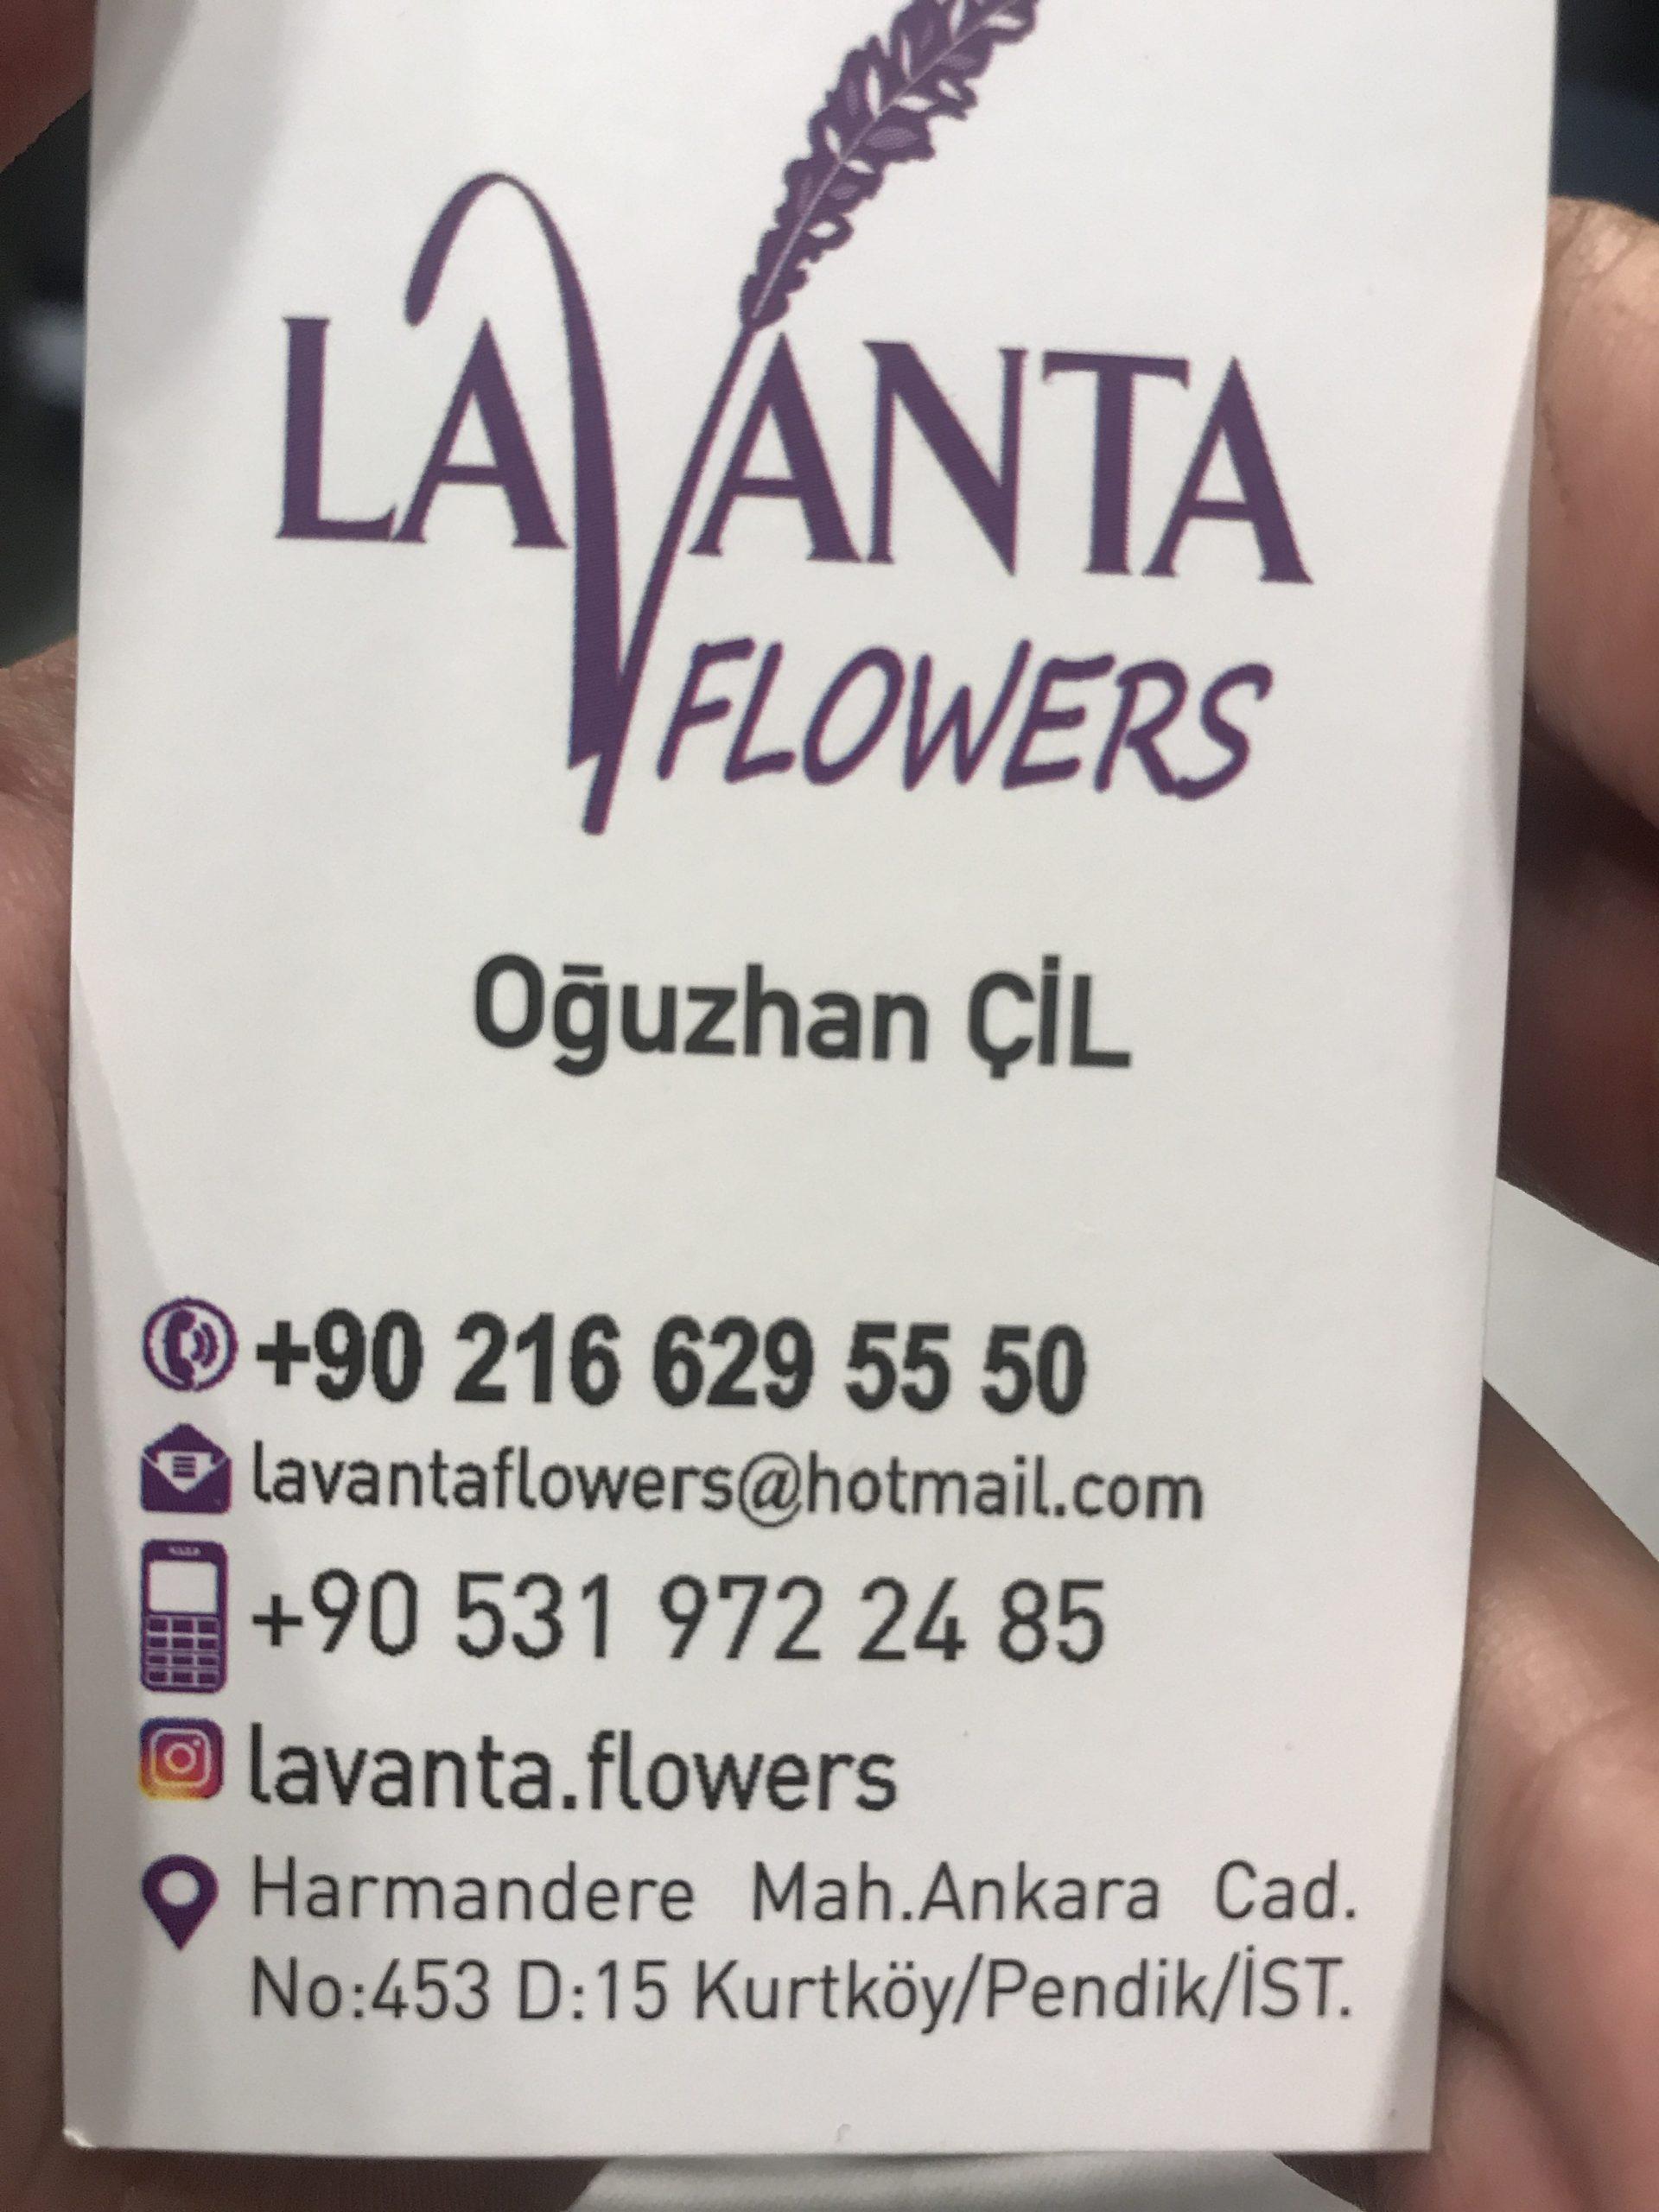 LAVANTA FLOWERS ÇİÇEKCİ